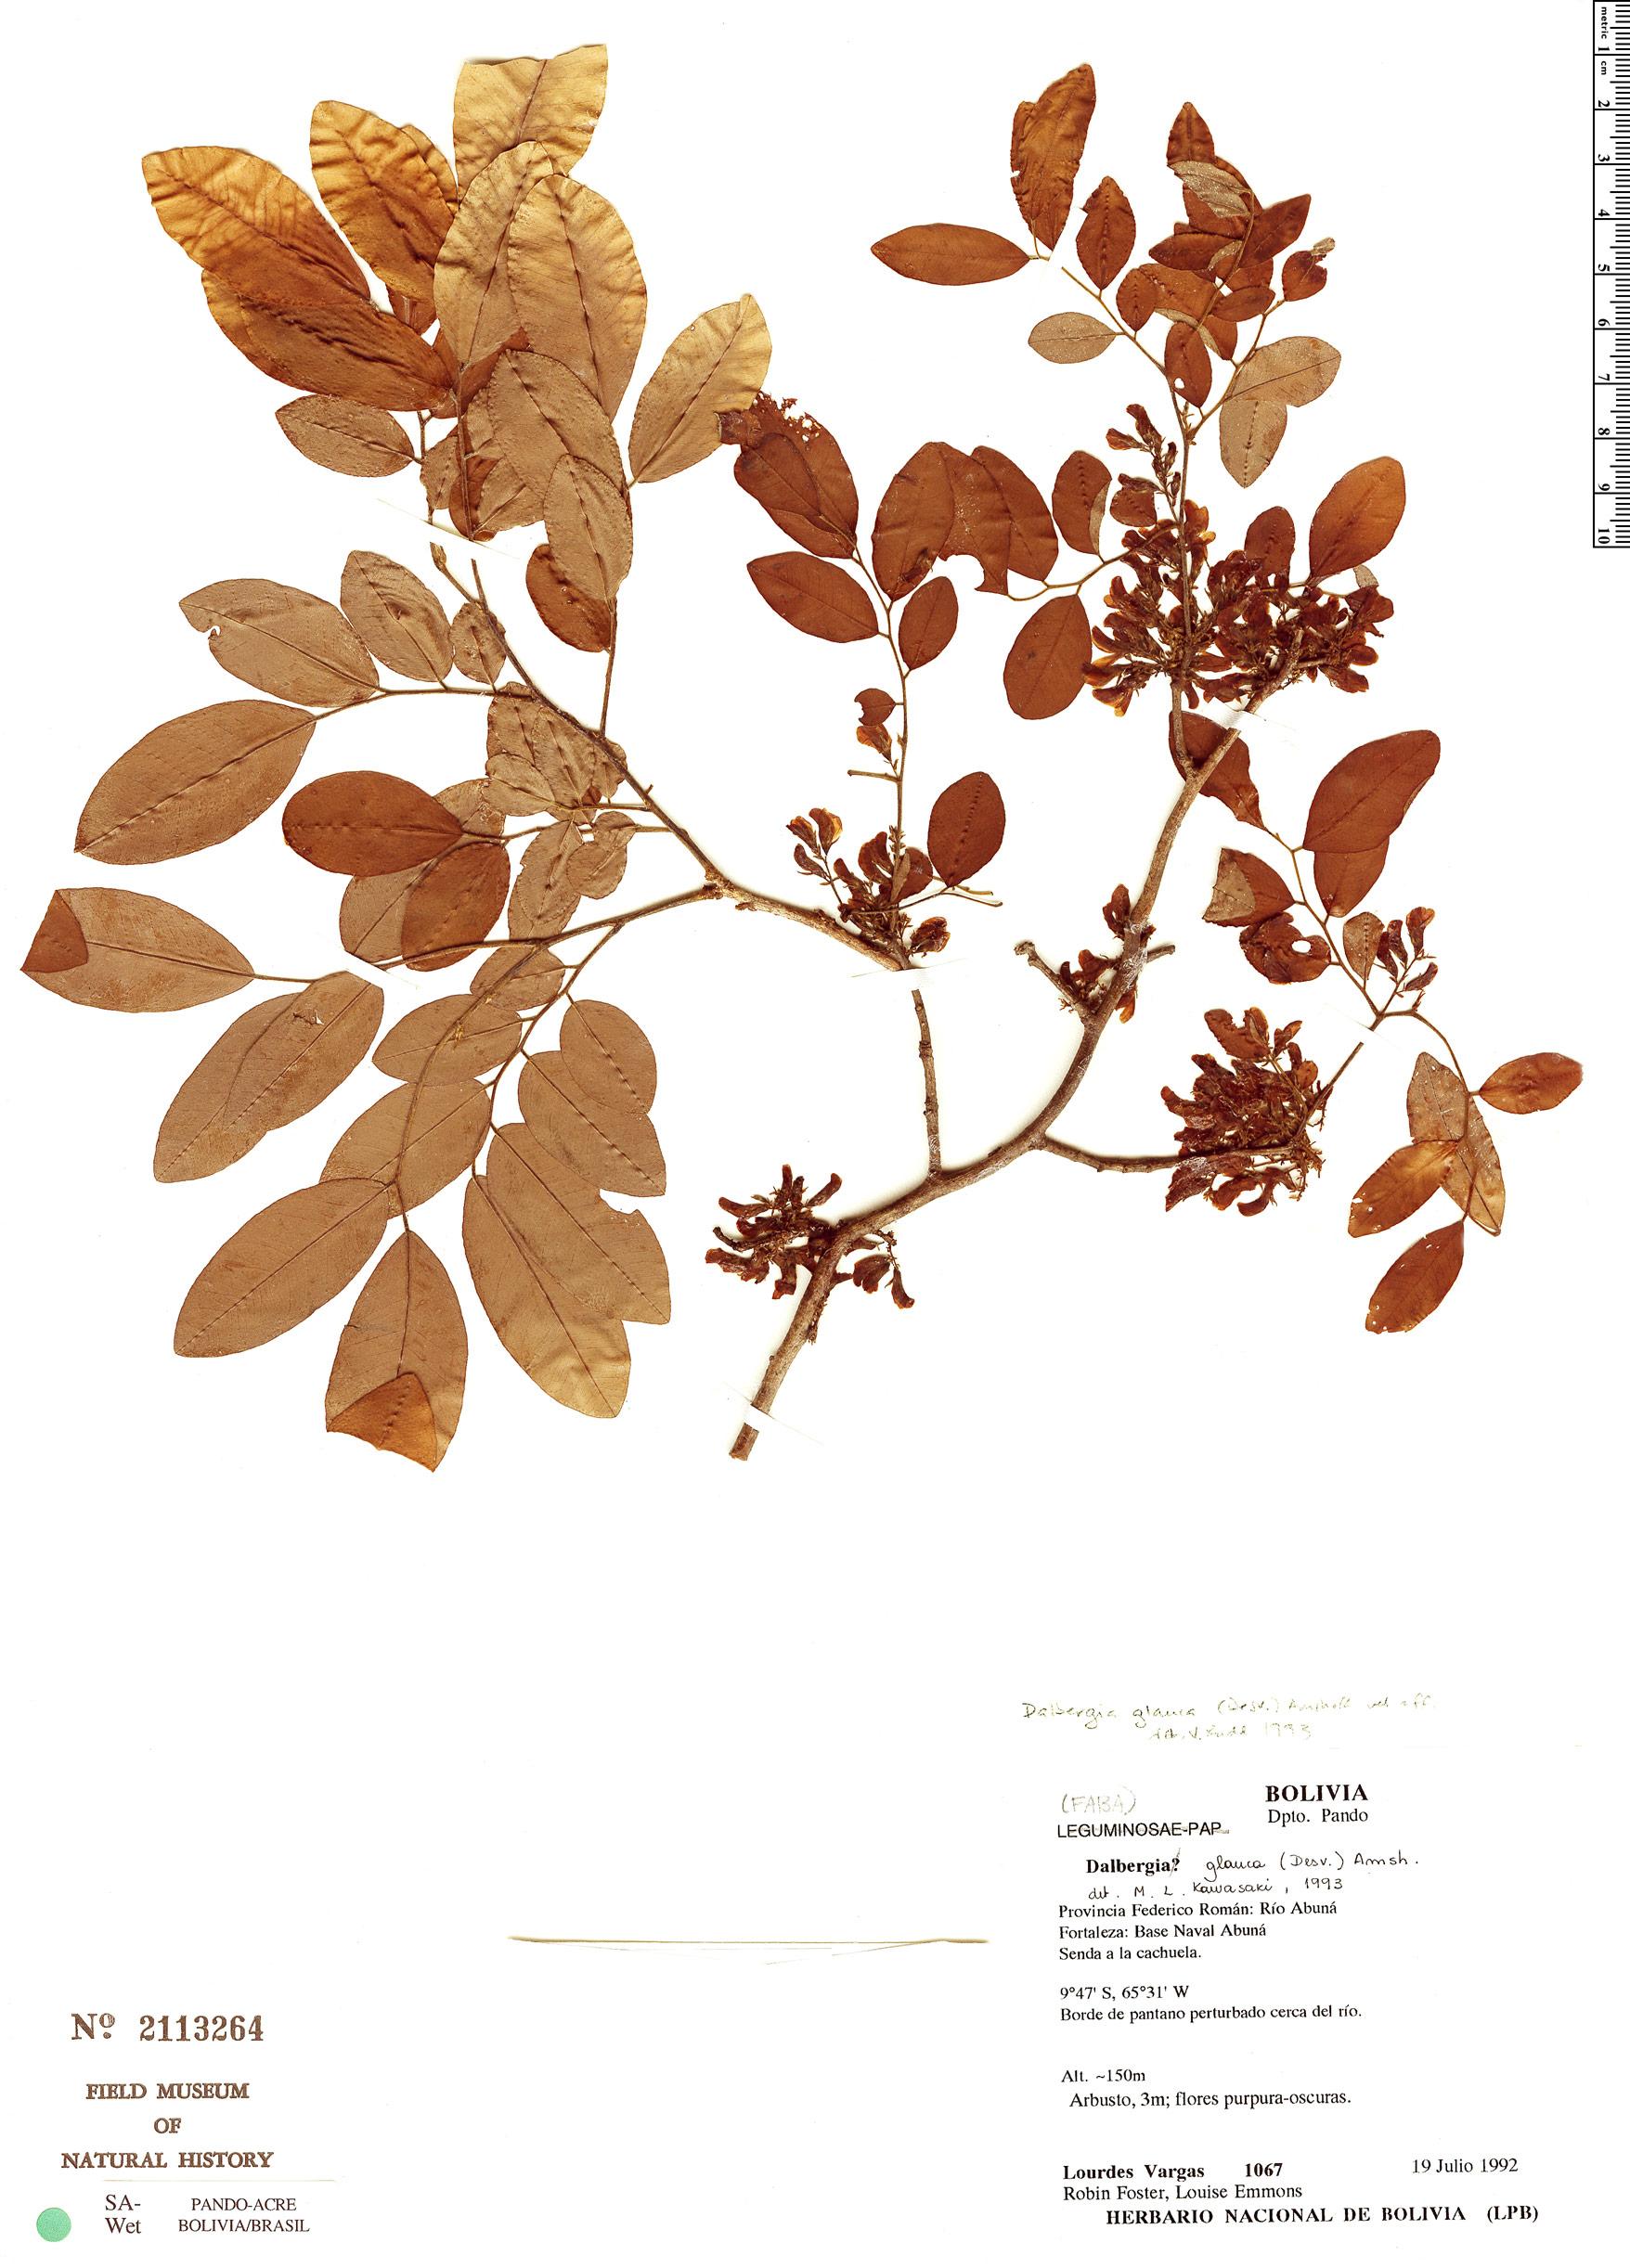 Specimen: Dalbergia glauca